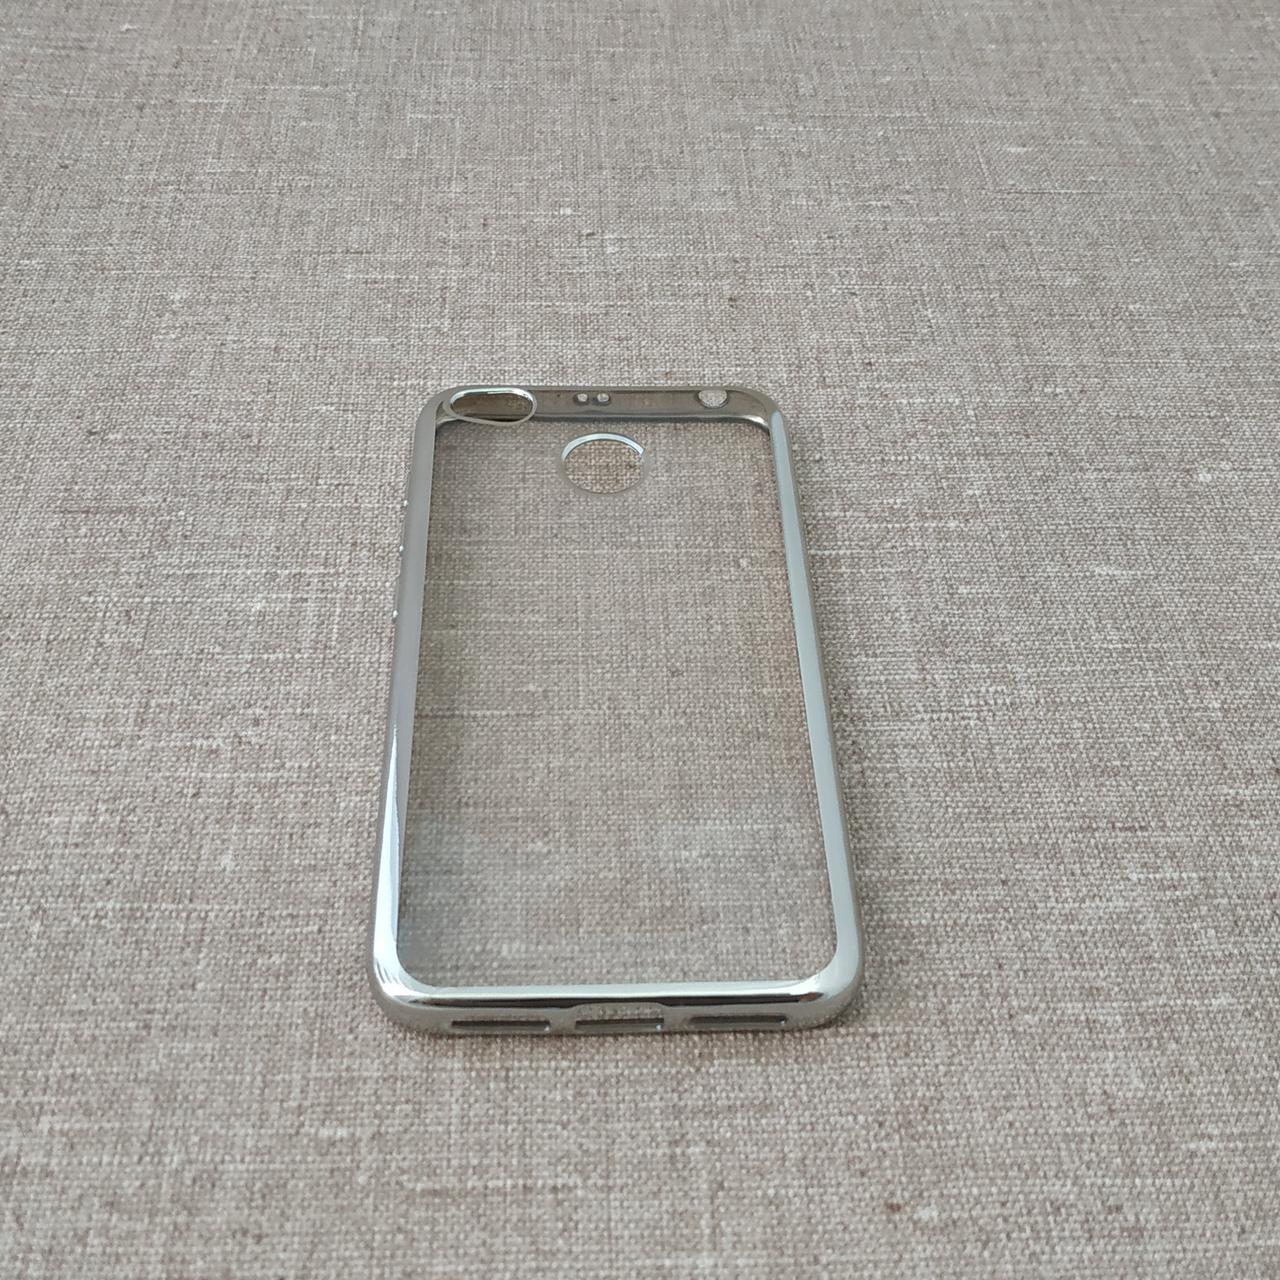 TPU bamper Xiaomi Redmi 4x silver 4X Для телефона